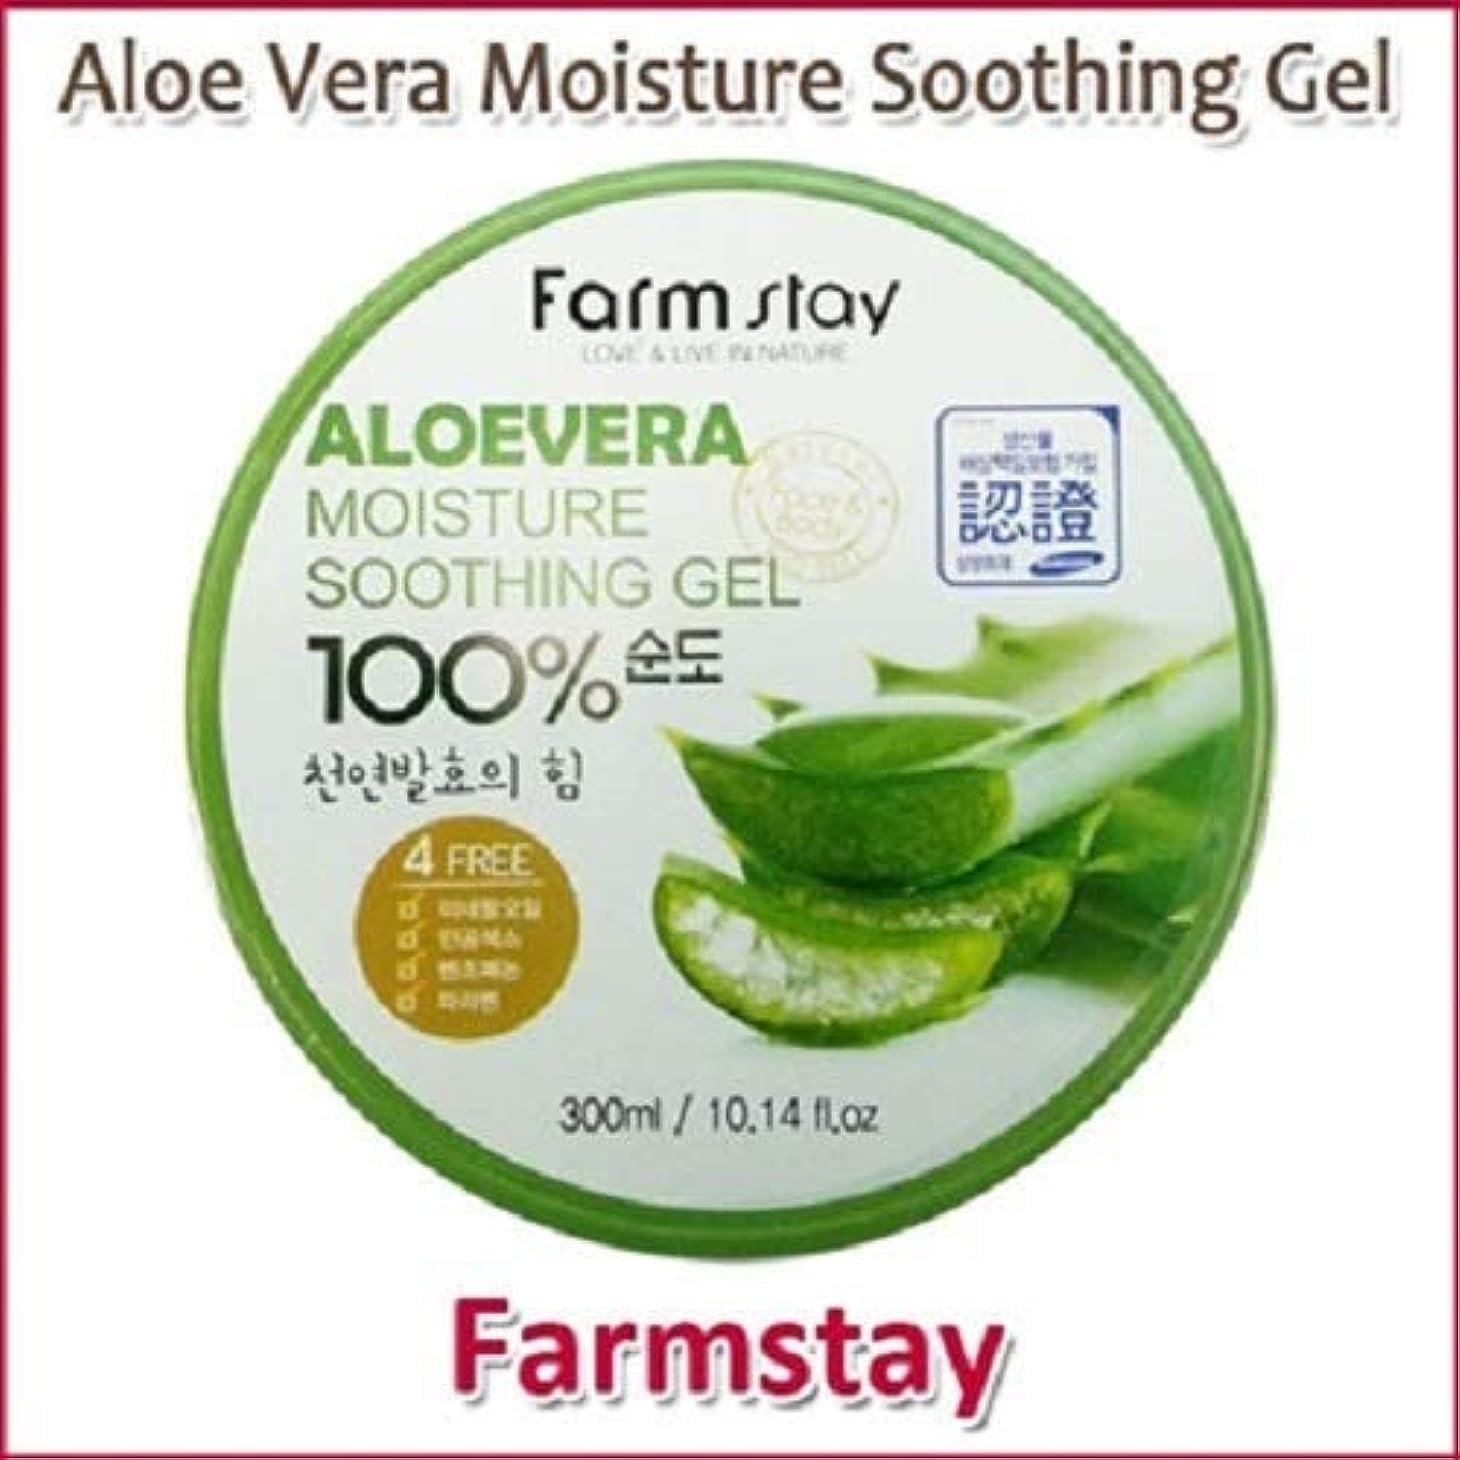 誘導調整牧草地Farm Stay Aloe Vera Moisture Soothing Gel 300ml /オーガニック アロエベラゲル 100%/保湿ケア/韓国コスメ/Aloe Vera 100% /Moisturizing [...